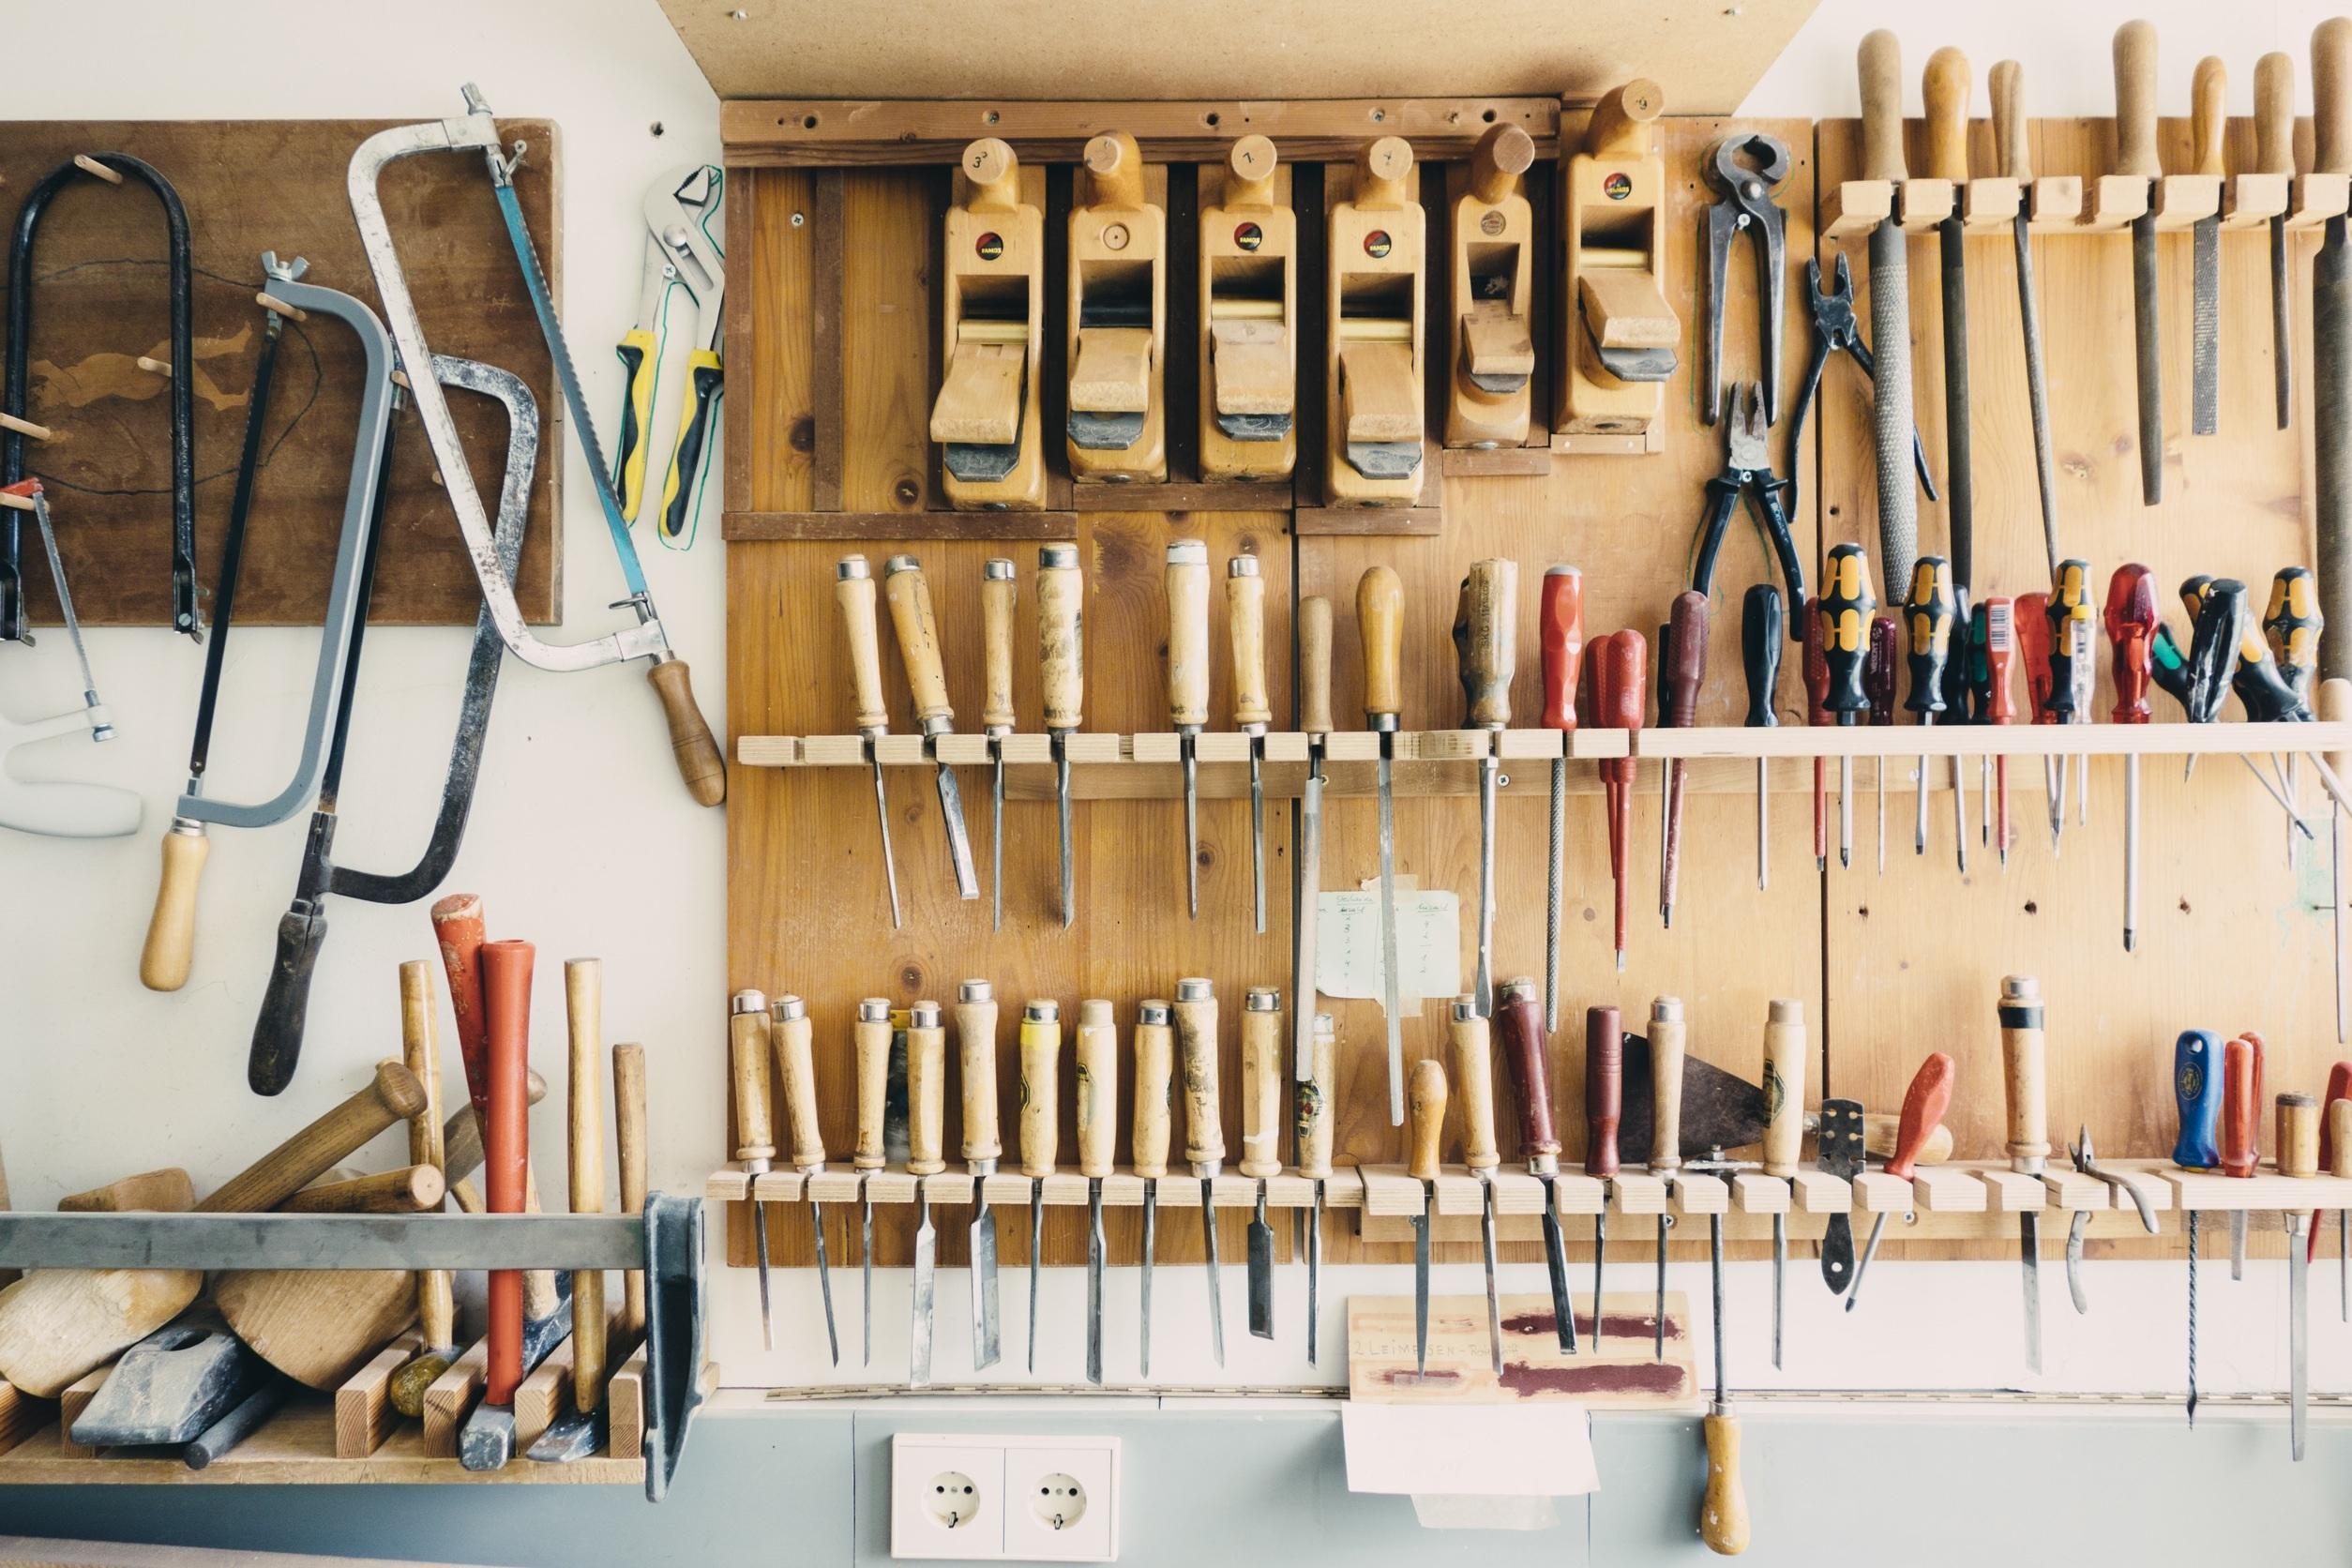 tools-690038